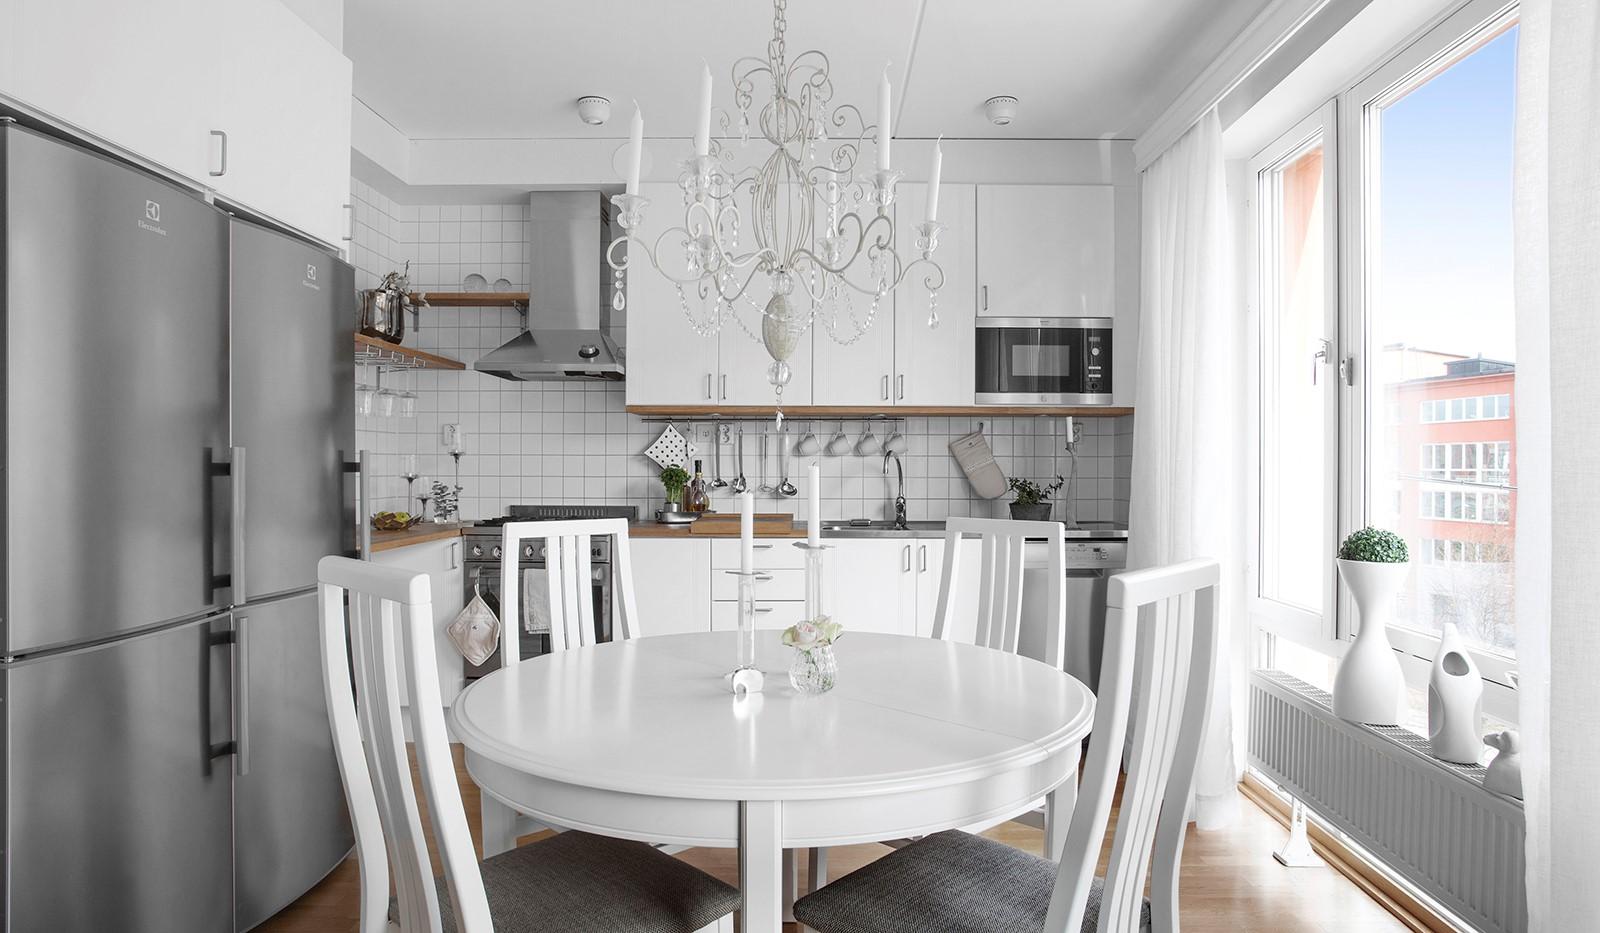 Lugnets Allé 69, 2 tr - Stilrent och arbetsvänligt kök i vinkel